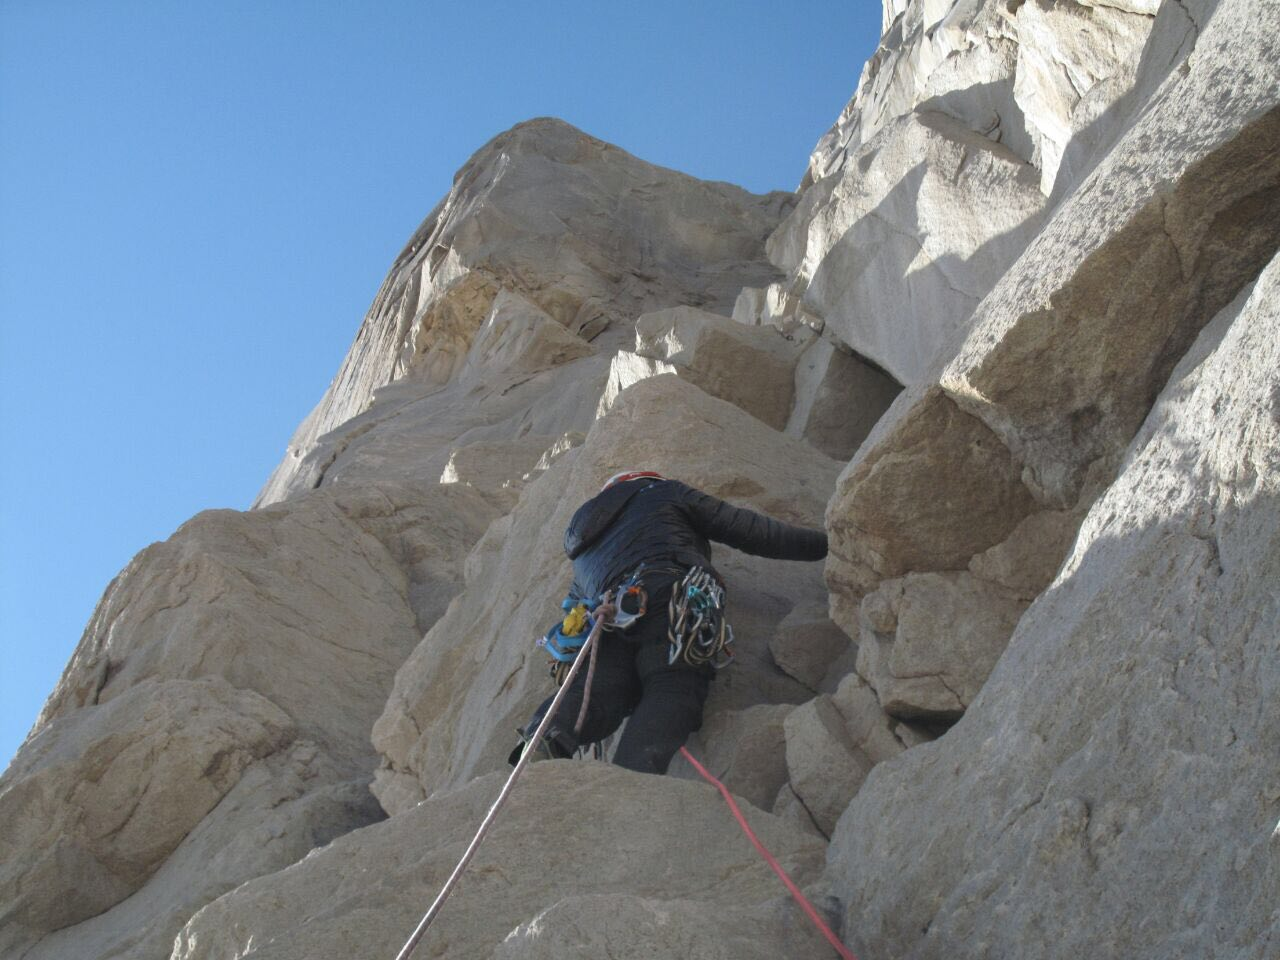 سنگ نوردی در کوه-چرخی با شهرام عباس نژاد